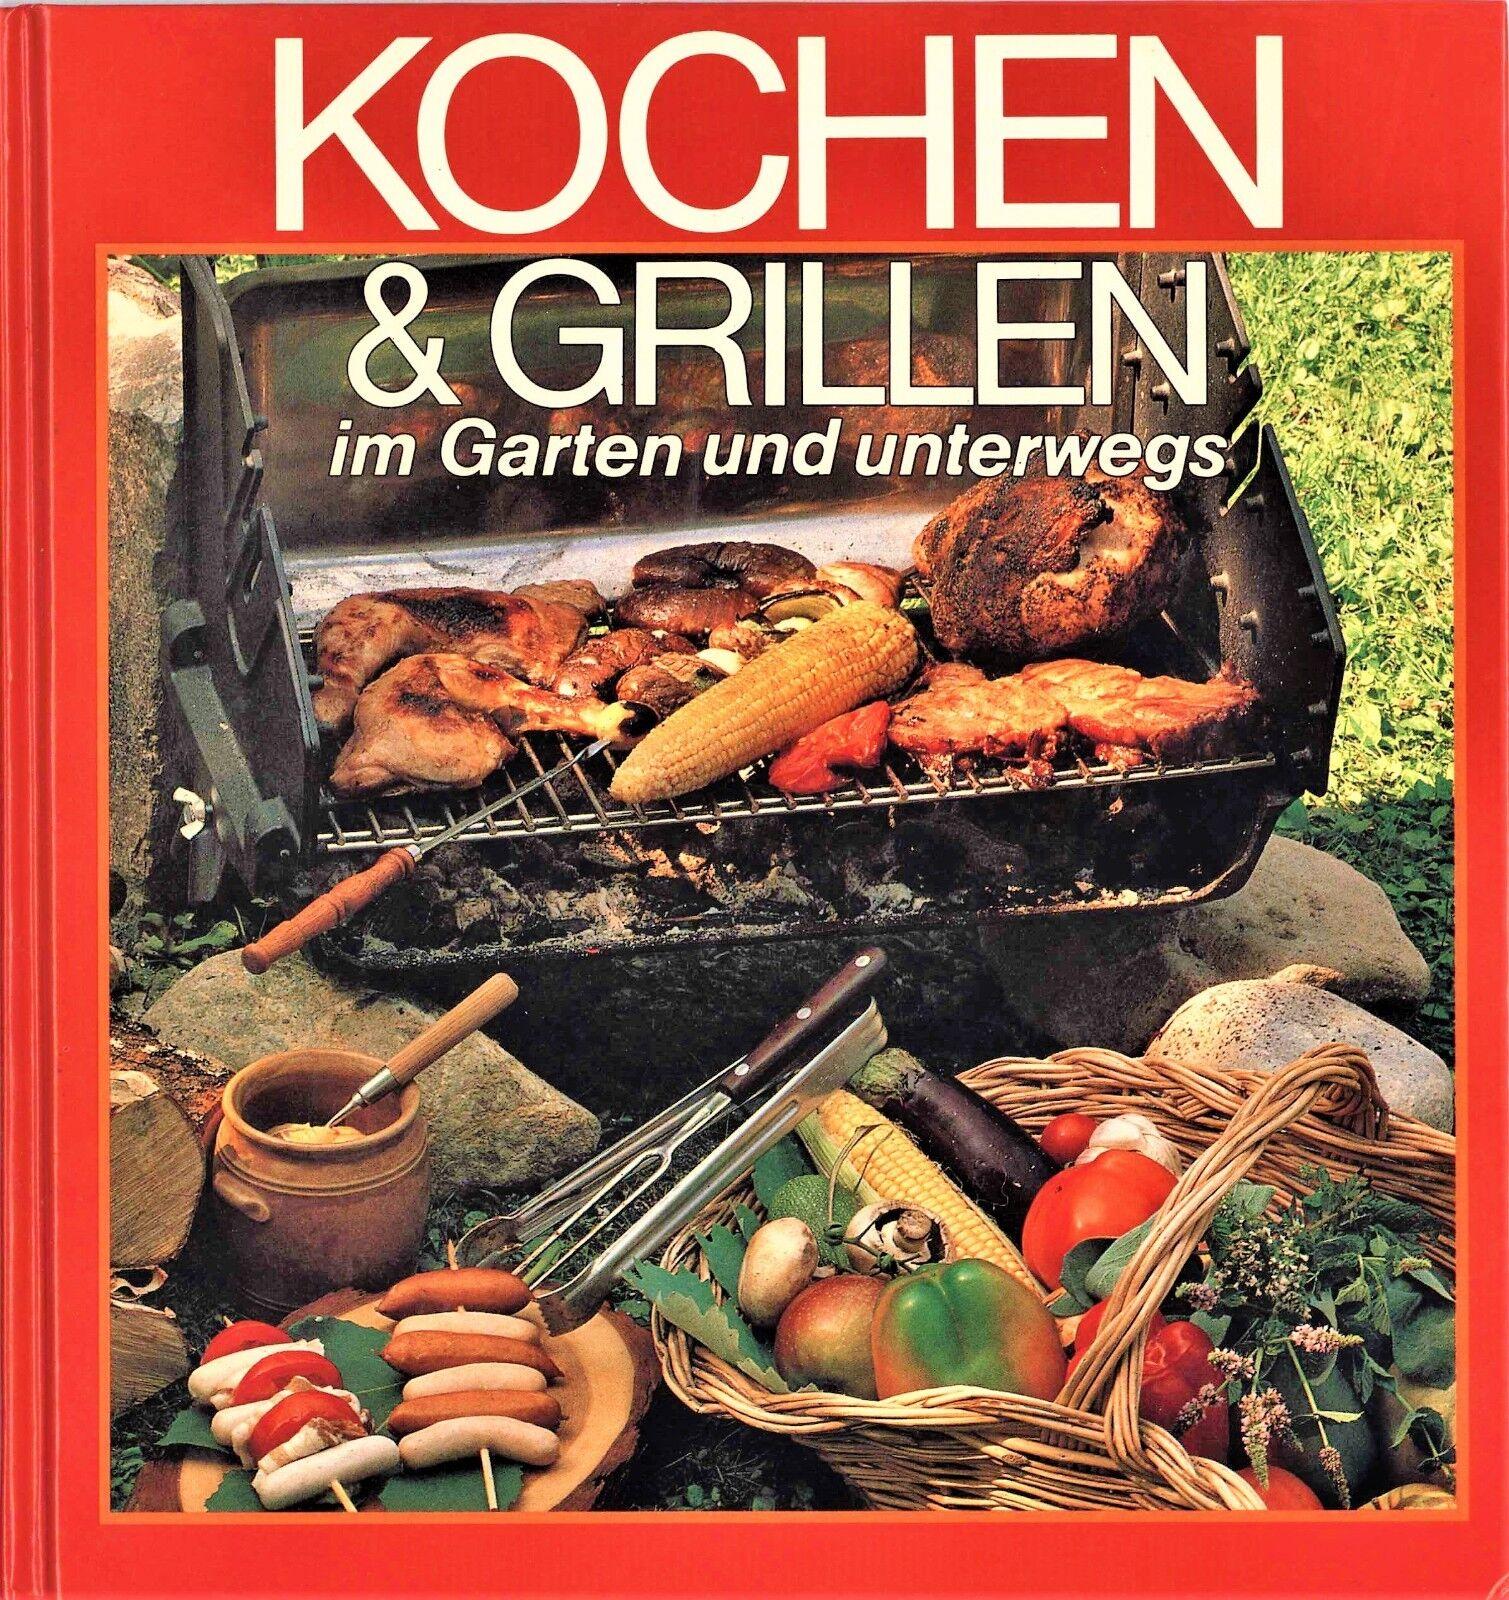 KOCHEN & GRILLEN IM GARTEN & UNTERWEGS Bilder, Rezepte, Ideen 110 Seiten